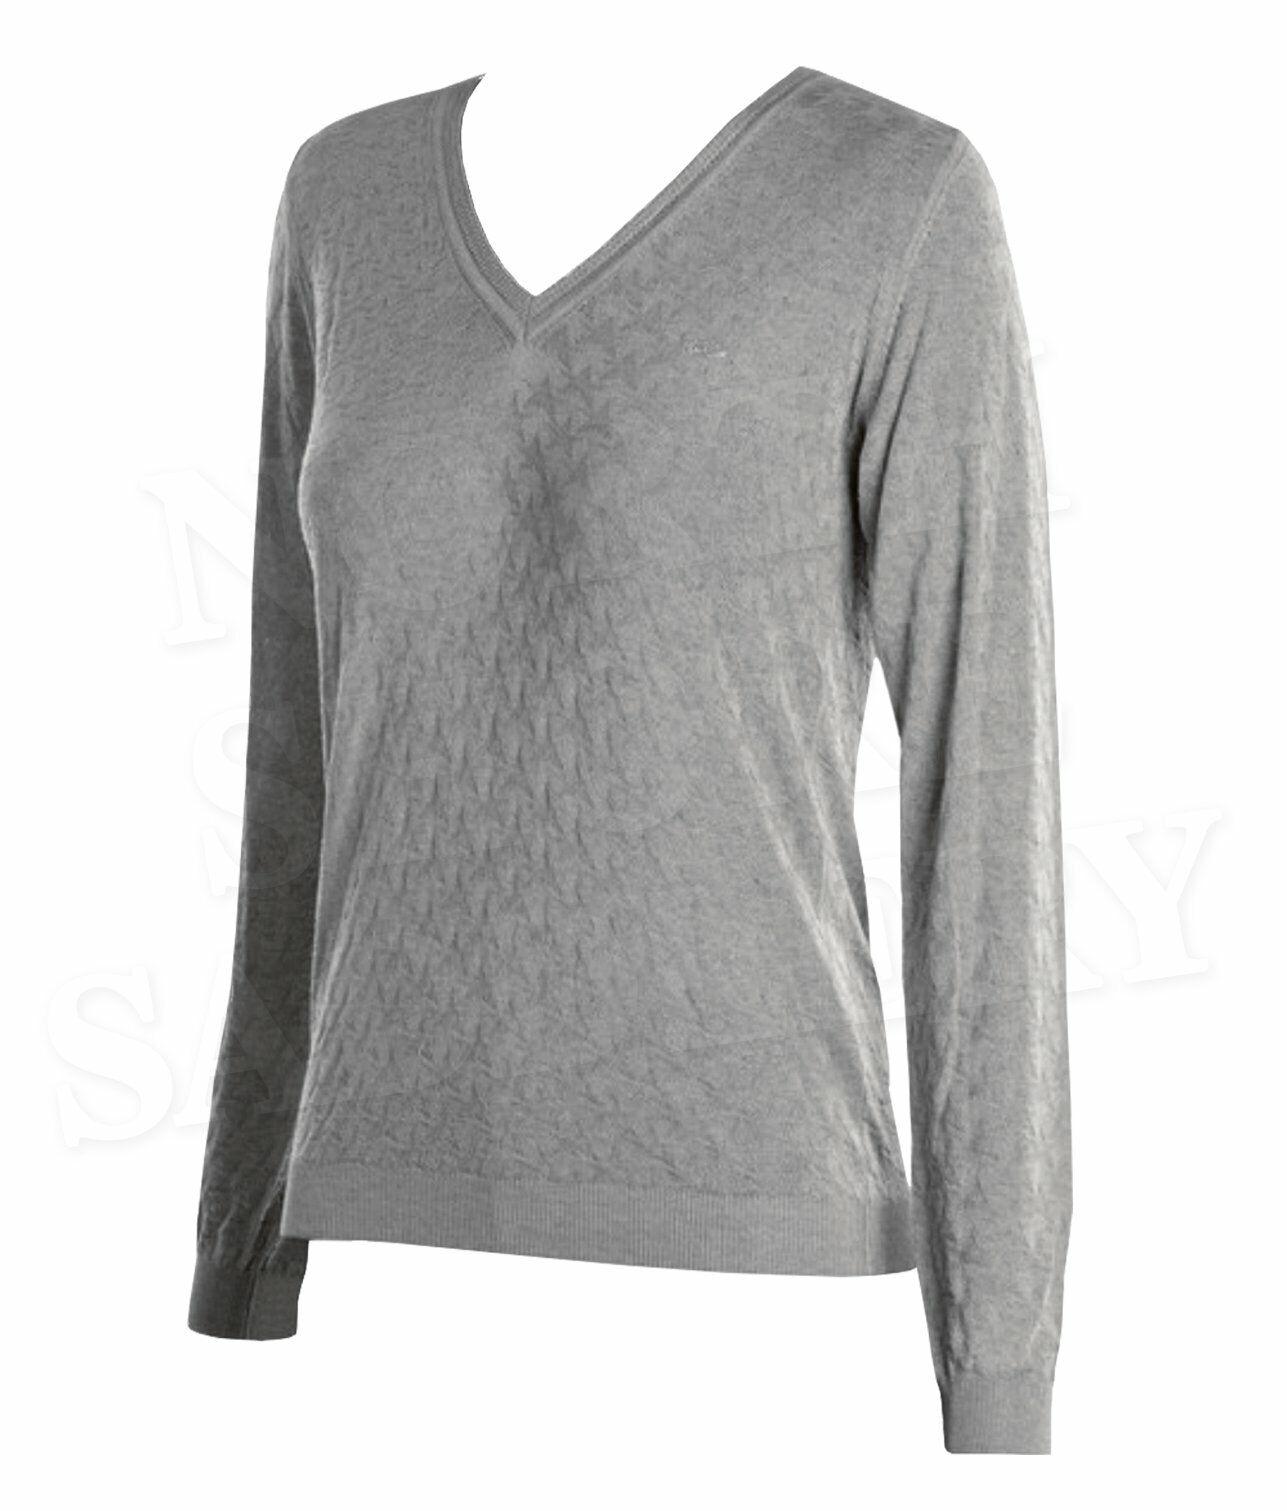 Animo Solei Sweater - grau